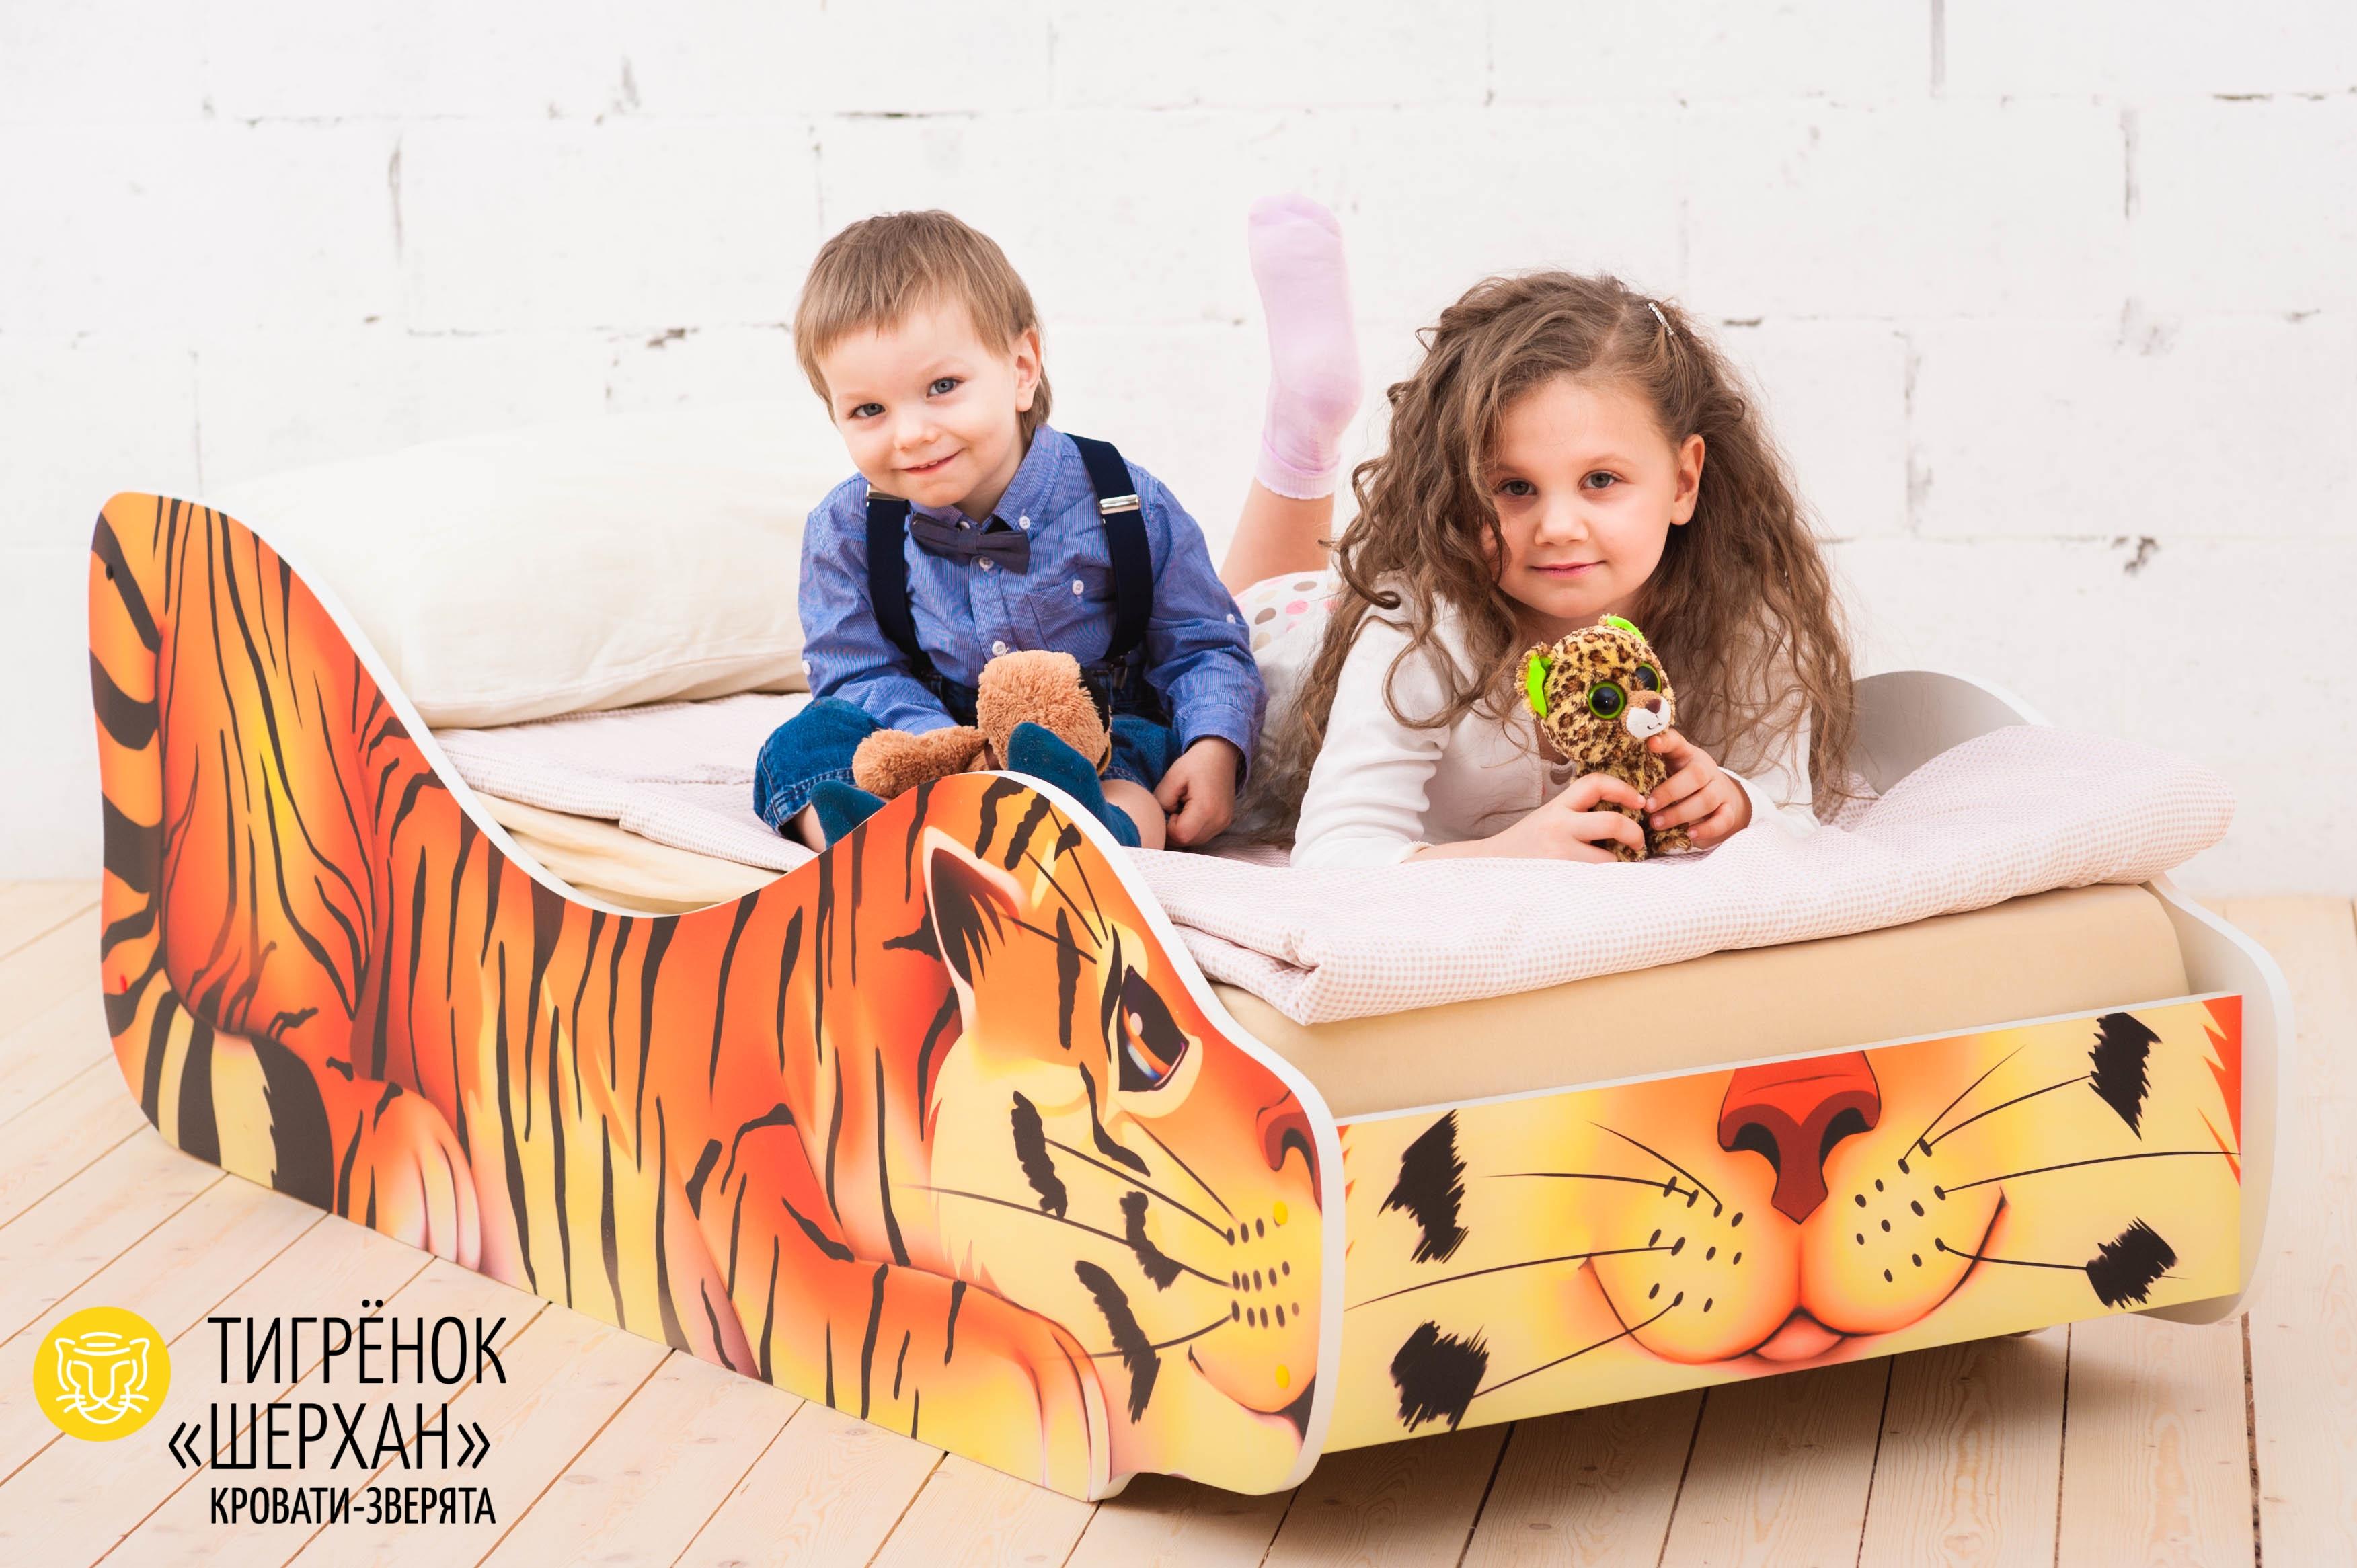 Детская кровать-зверенок -Тигренок-Шерхан-6